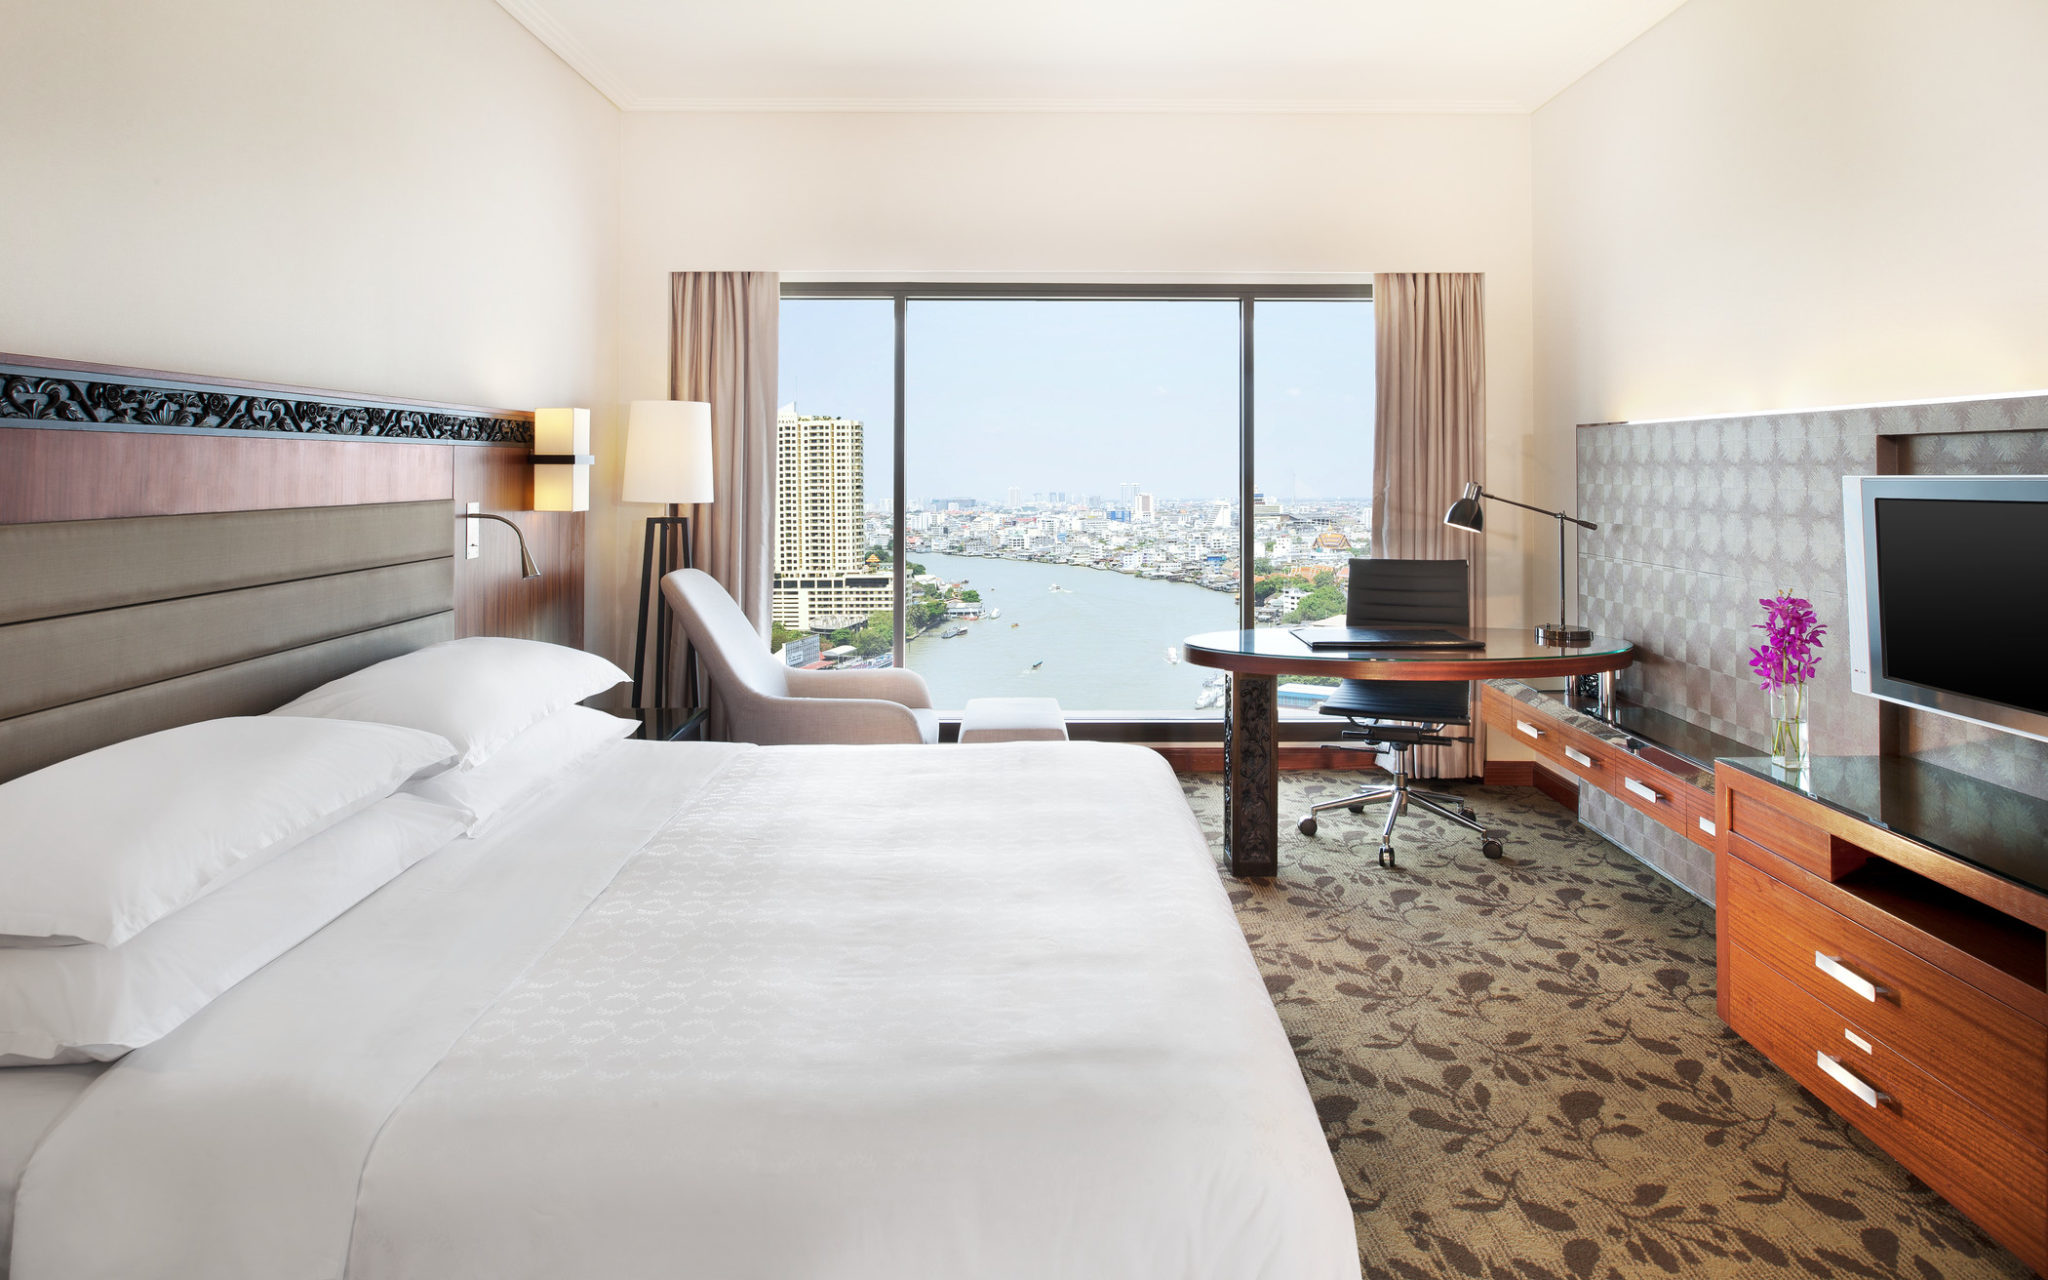 โปรโมชั่นห้องพักรับลมร้อน พร้อมส่วนลดกว่า 25% ณ โรงแรมรอยัล ออคิด เชอราตัน 13 - Hotel